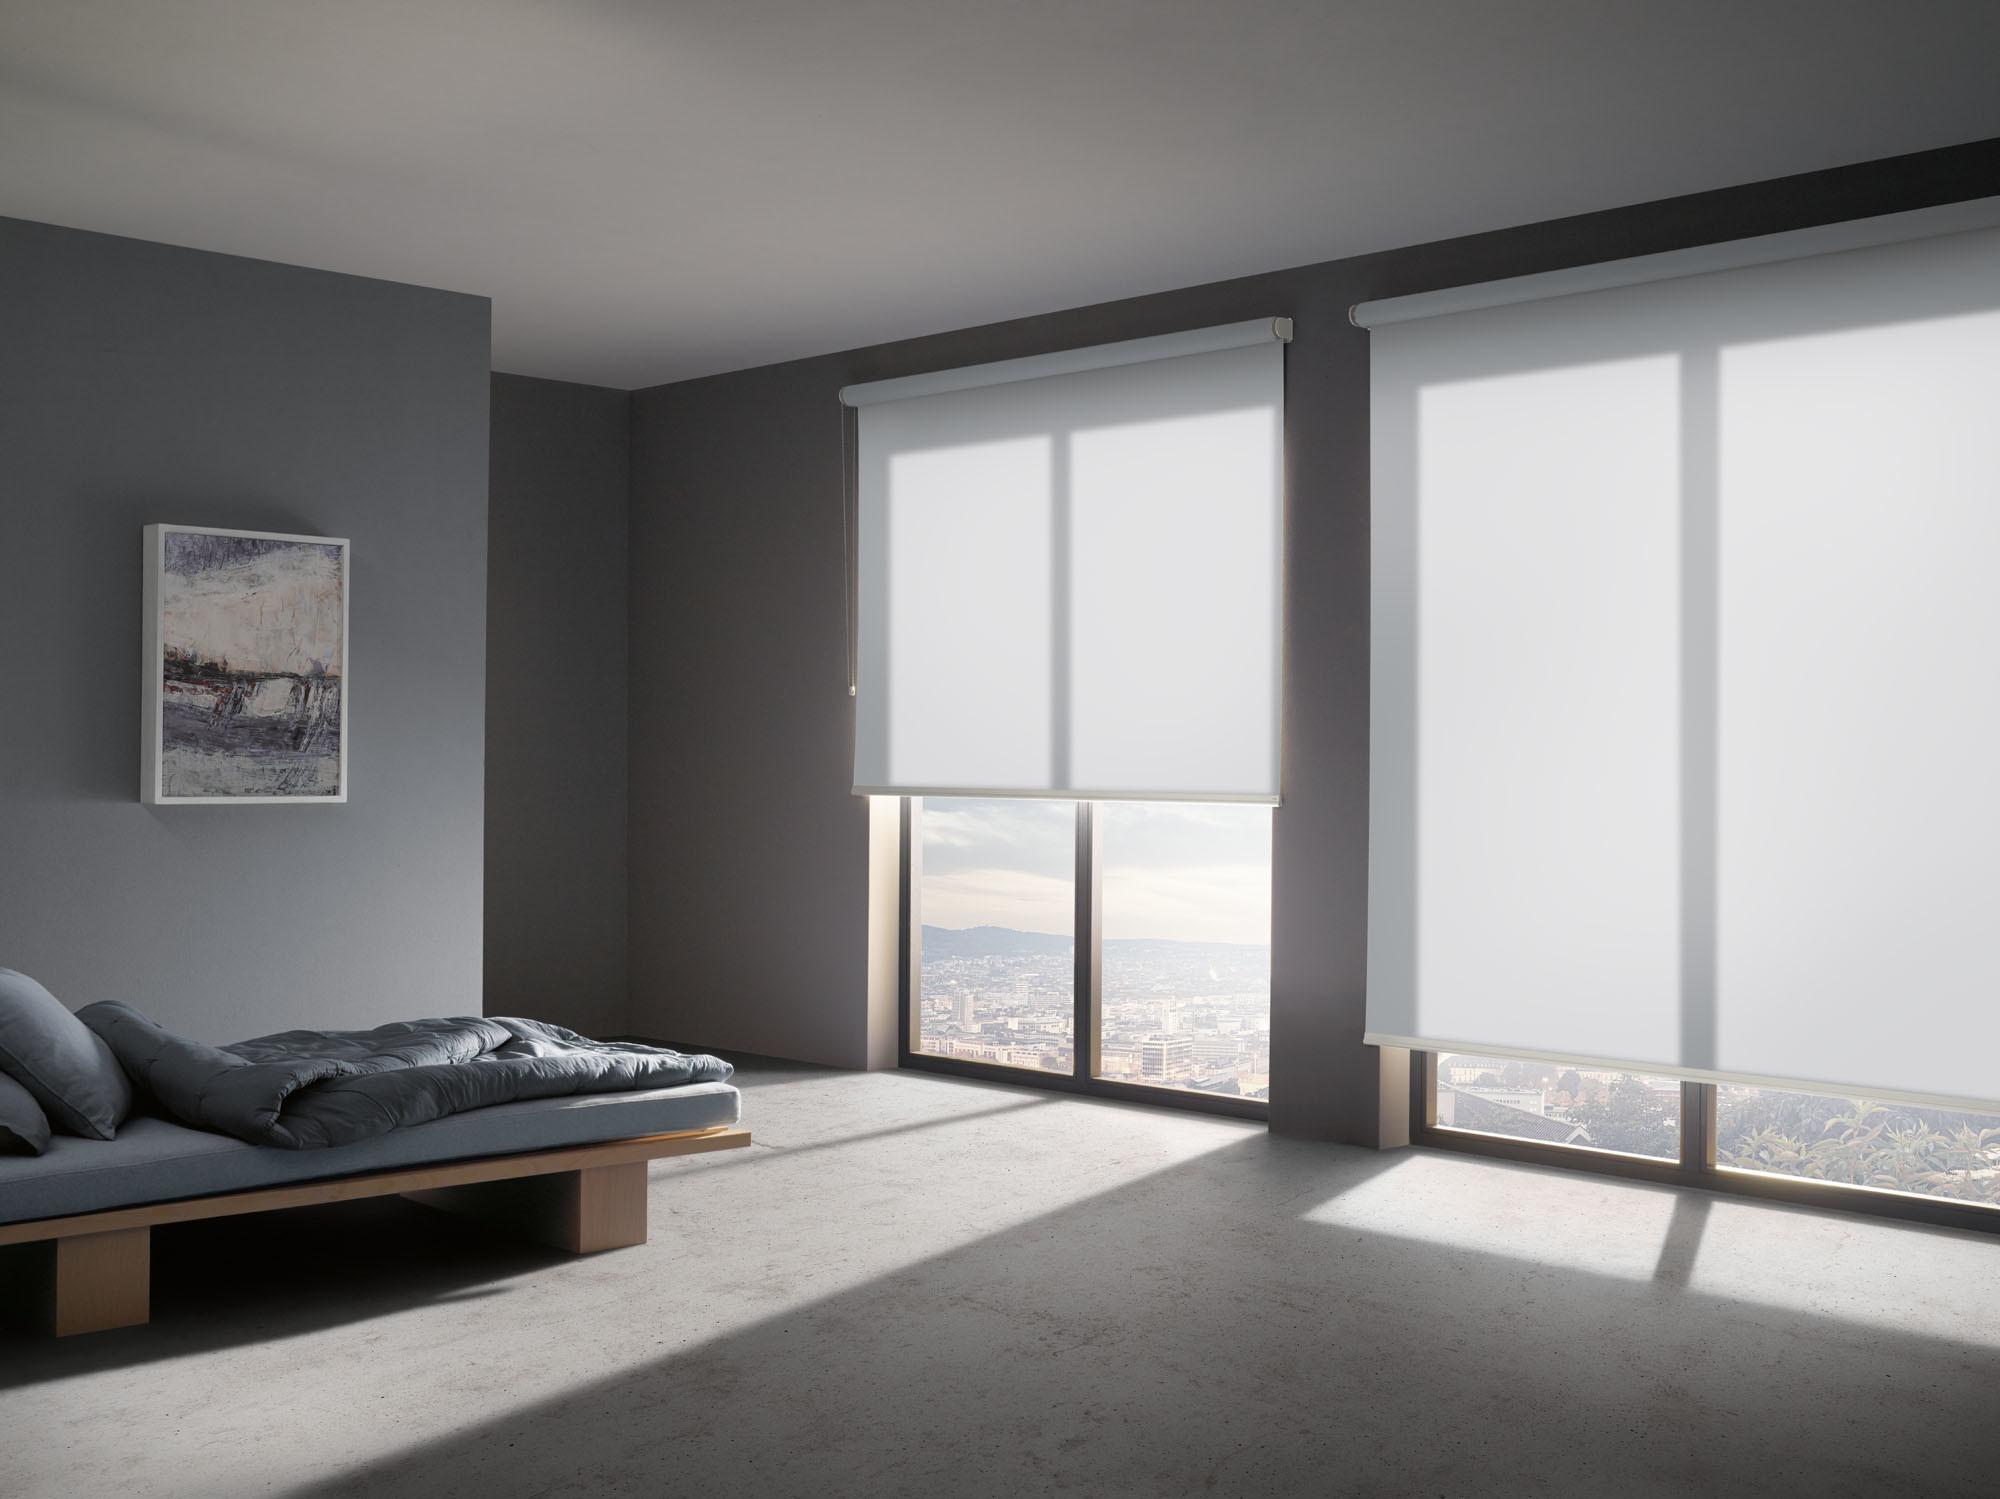 sonnenschutztextil aus recyceltem kunststoff. Black Bedroom Furniture Sets. Home Design Ideas